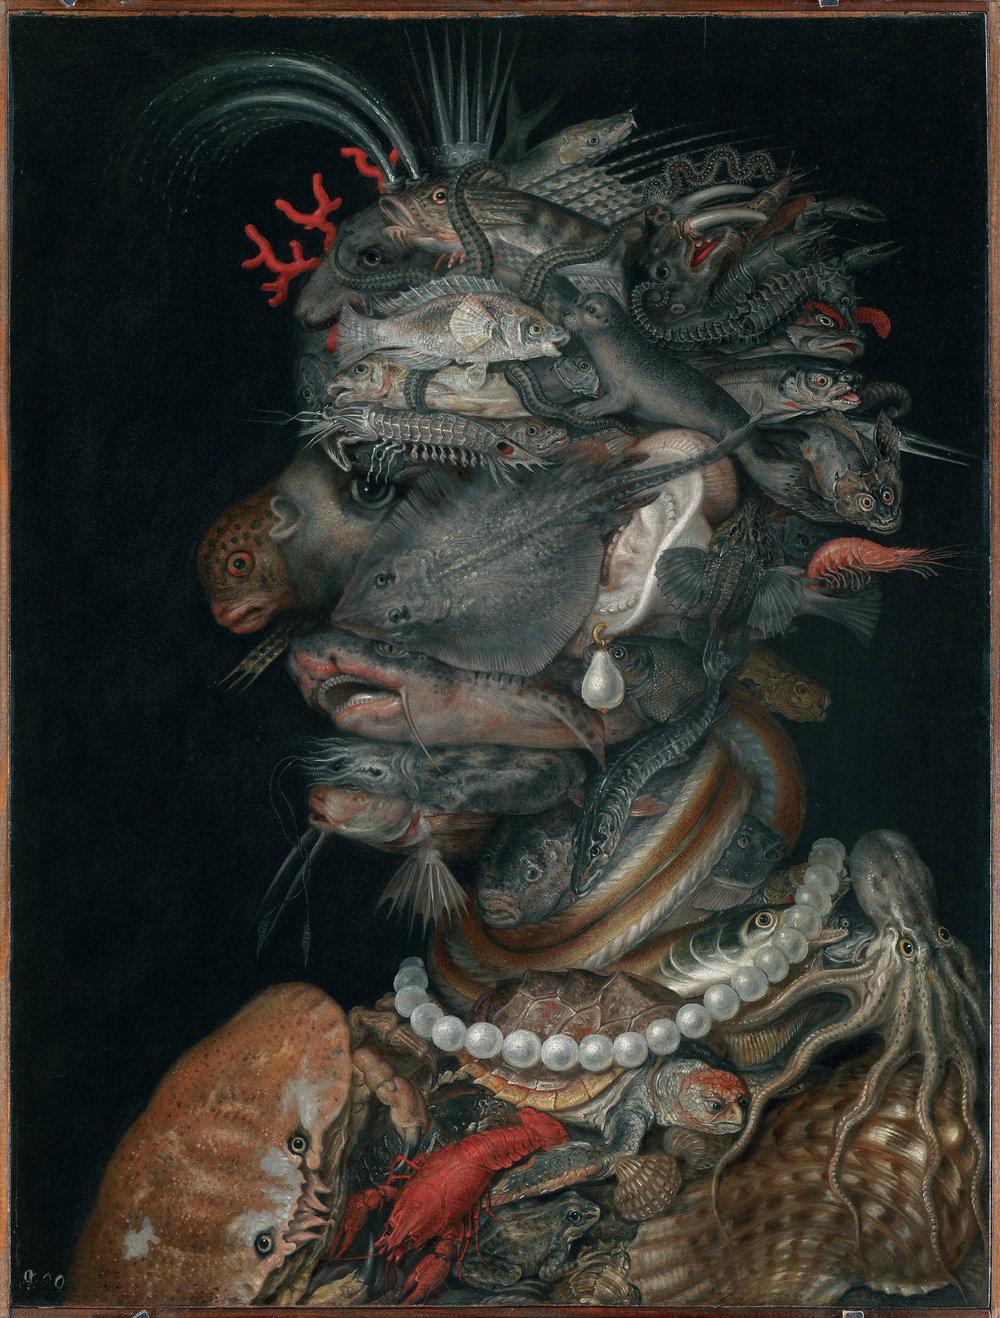 L'Acqua, 1566, olio su legno di ontano. Vienna, Kunsthistorisches Museum. In coppia con l'Inverno, questo dipinto raffigura la personificazione dell'acqua; da lontano si percepisce la figura umana, mentre avvicinandosi emerge una moltitudine di pesci ed animali marini, dalla tartaruga al polipo, dalla razza alla foca... potrete divertirvi a riconoscere più specie possibili!